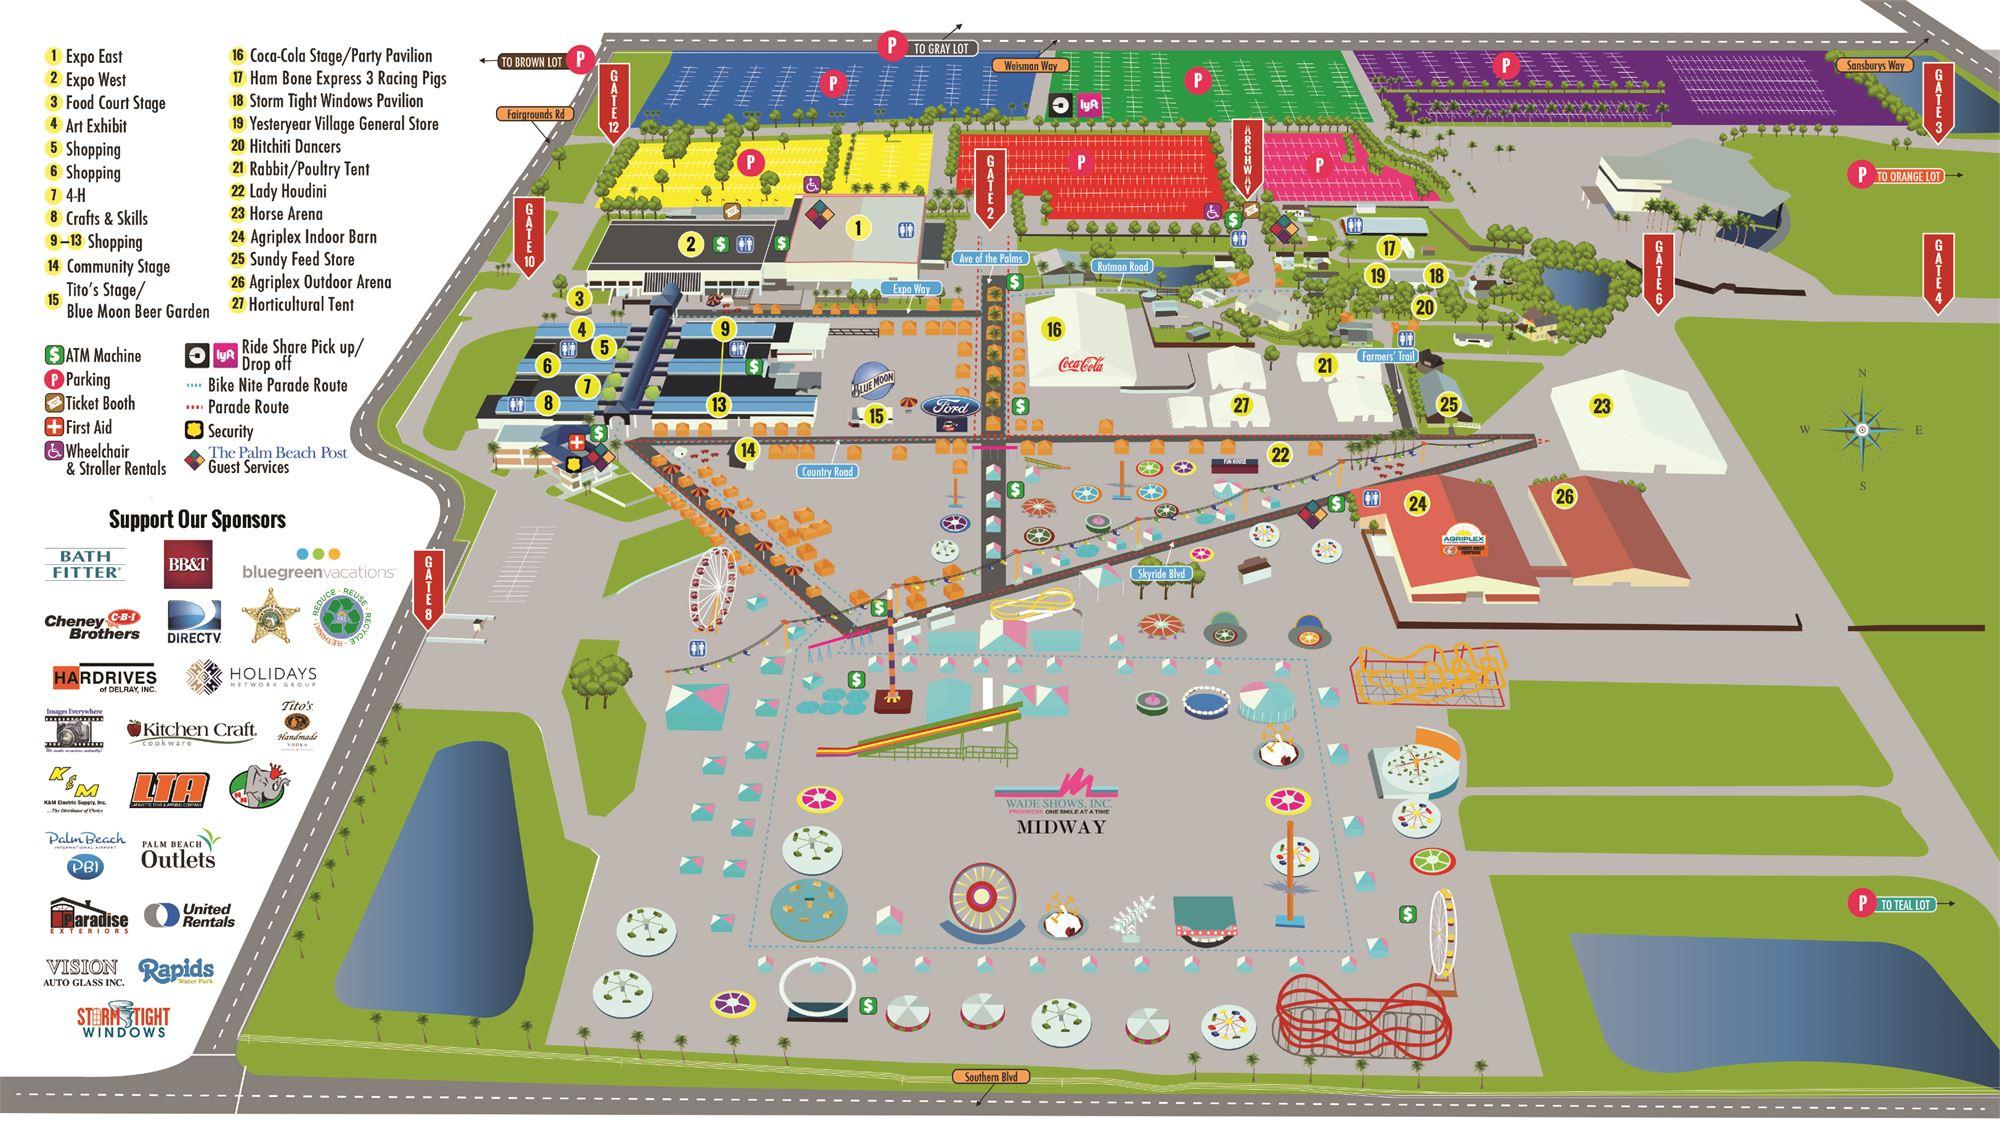 South Florida Fairgrounds Map | Florida Map 2018 With Regard To South Florida Fairgrounds Event Schedule